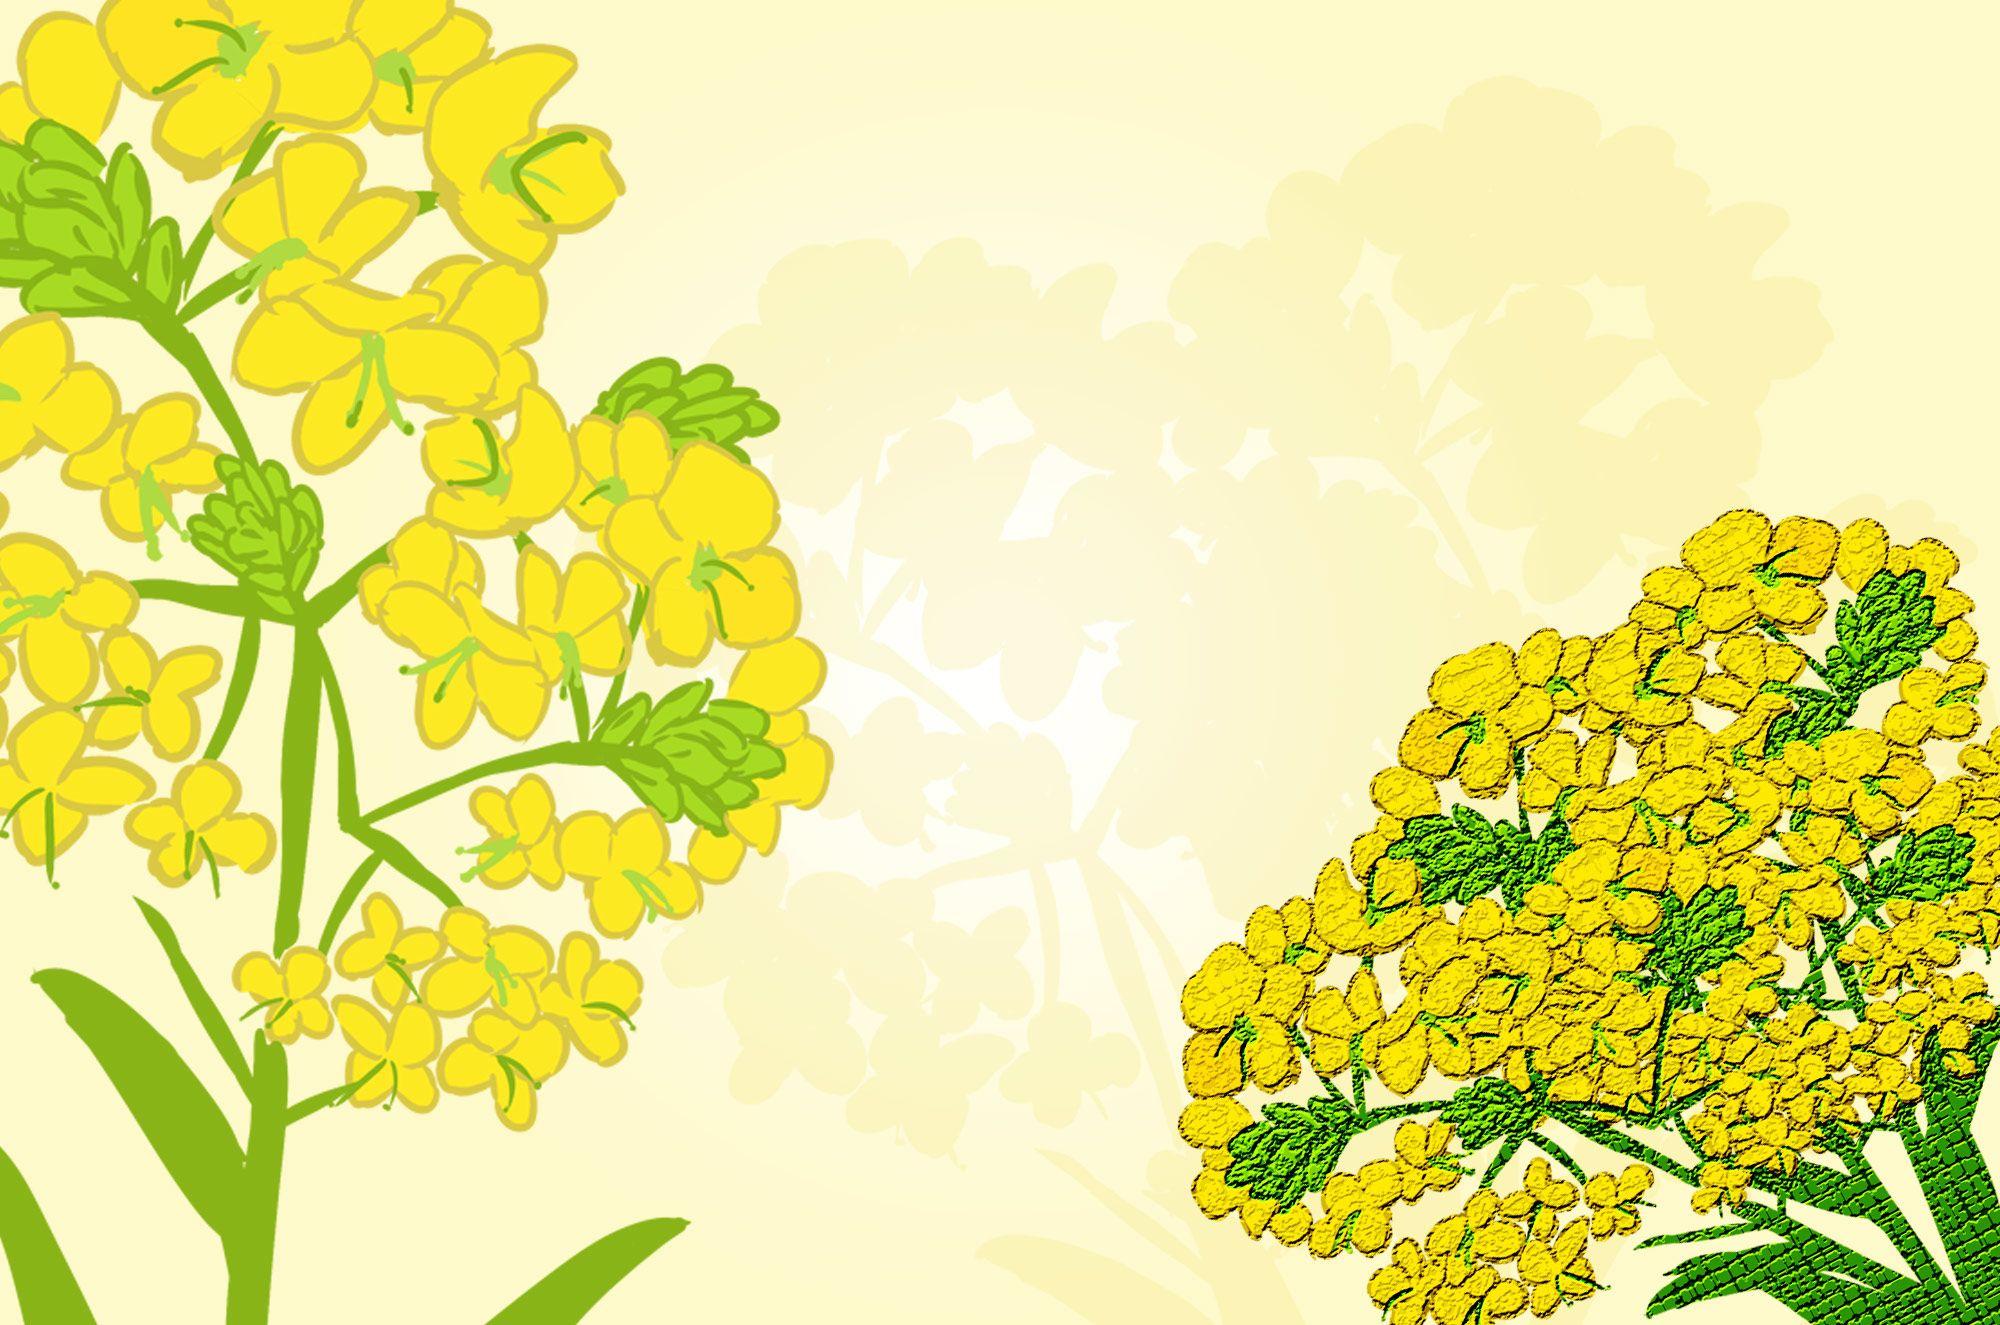 菜の花のイラスト素材集。無料で使える黄色可愛い花の素材です!優しい